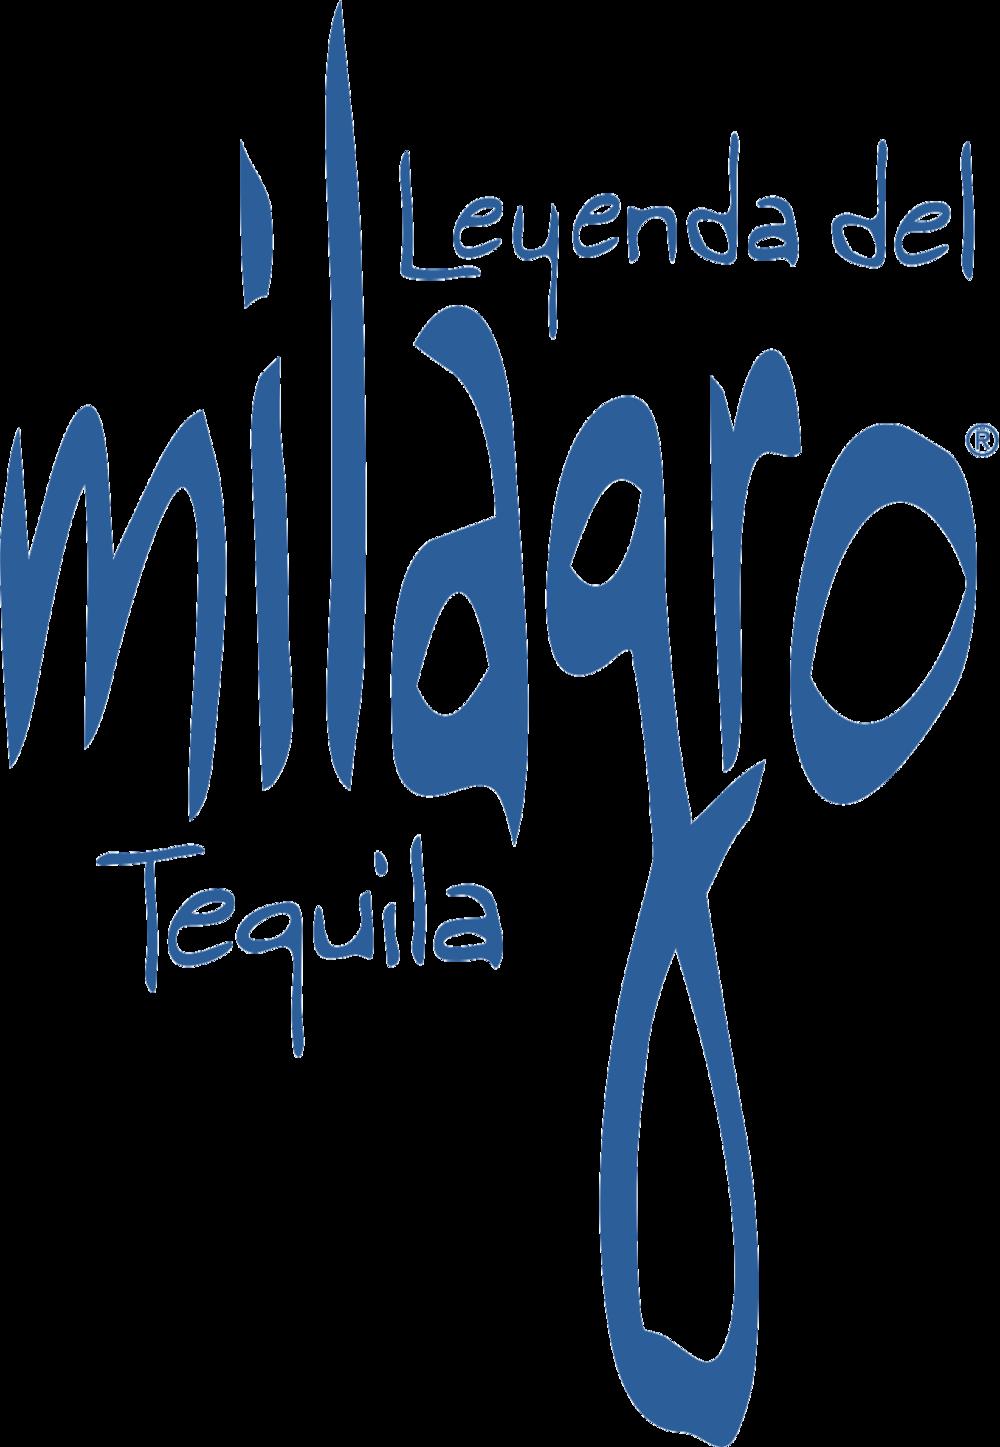 Milagro-logo.png